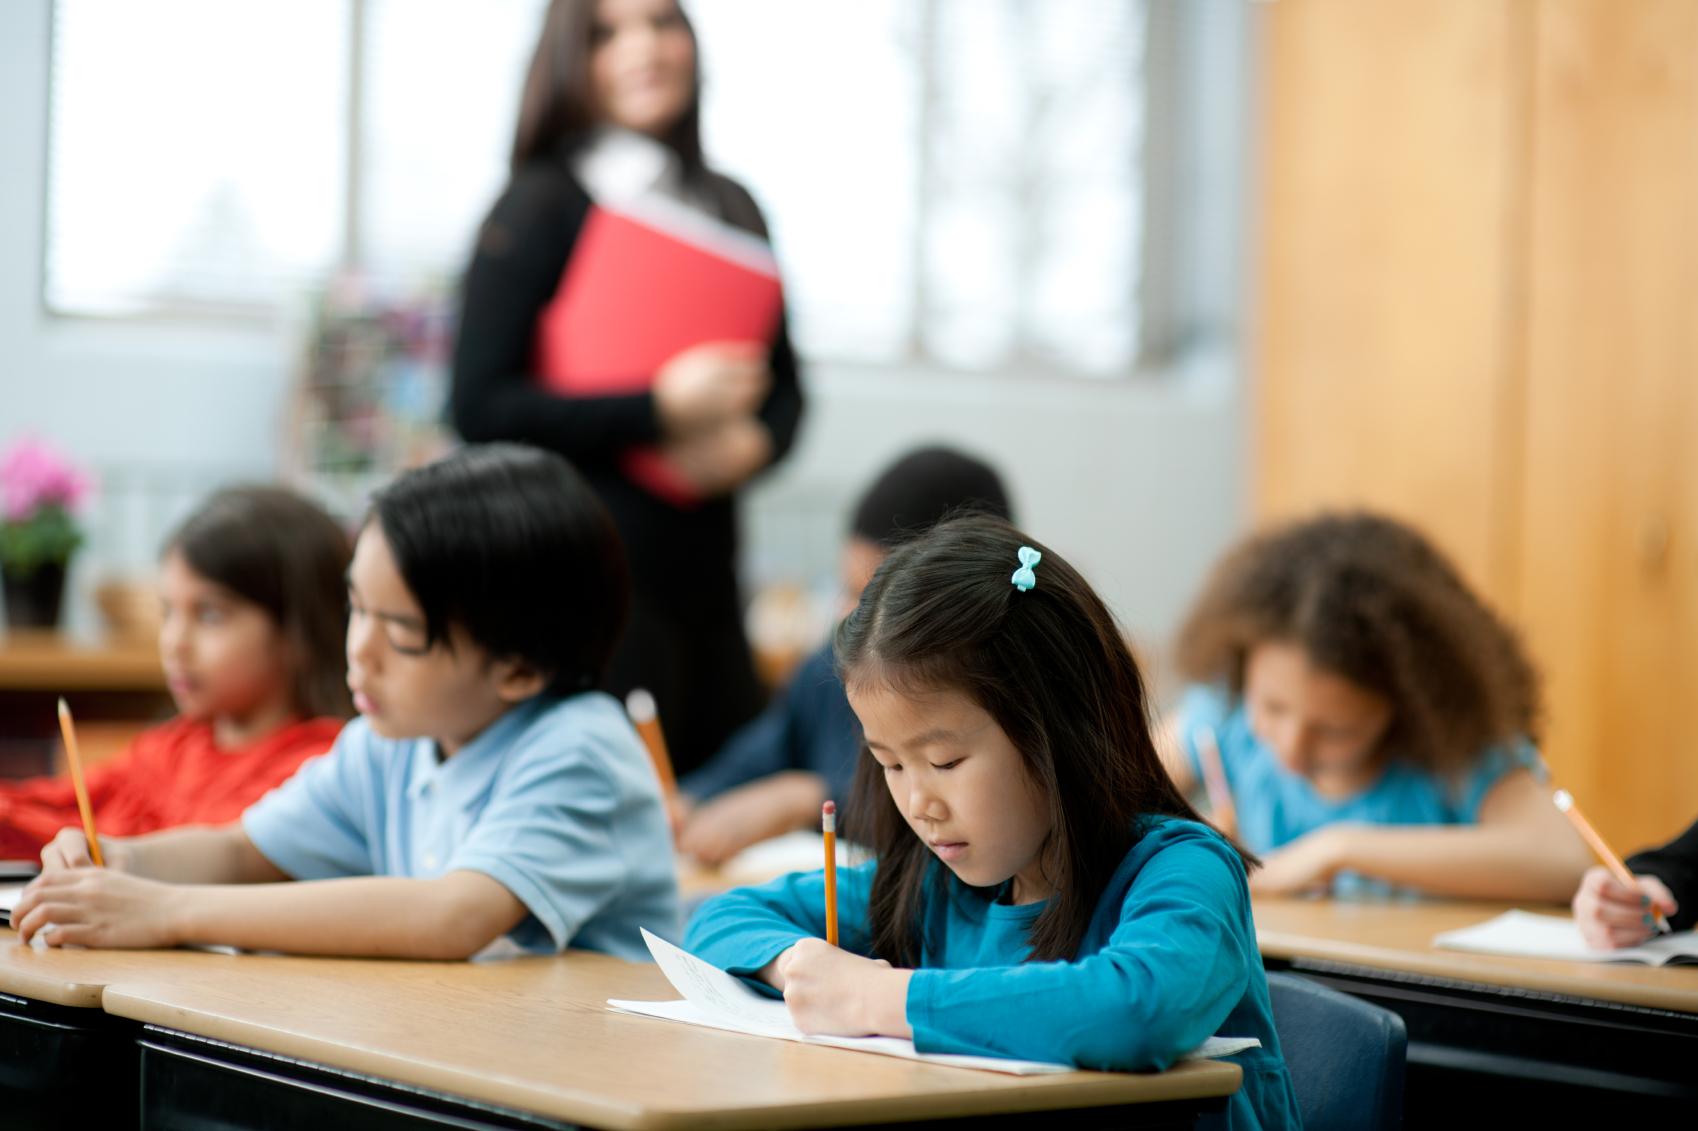 Các phần mềm học tiếng anh cho trẻ em giúp thúc đẩy quá trình phát triển ngôn ngữ của trẻ